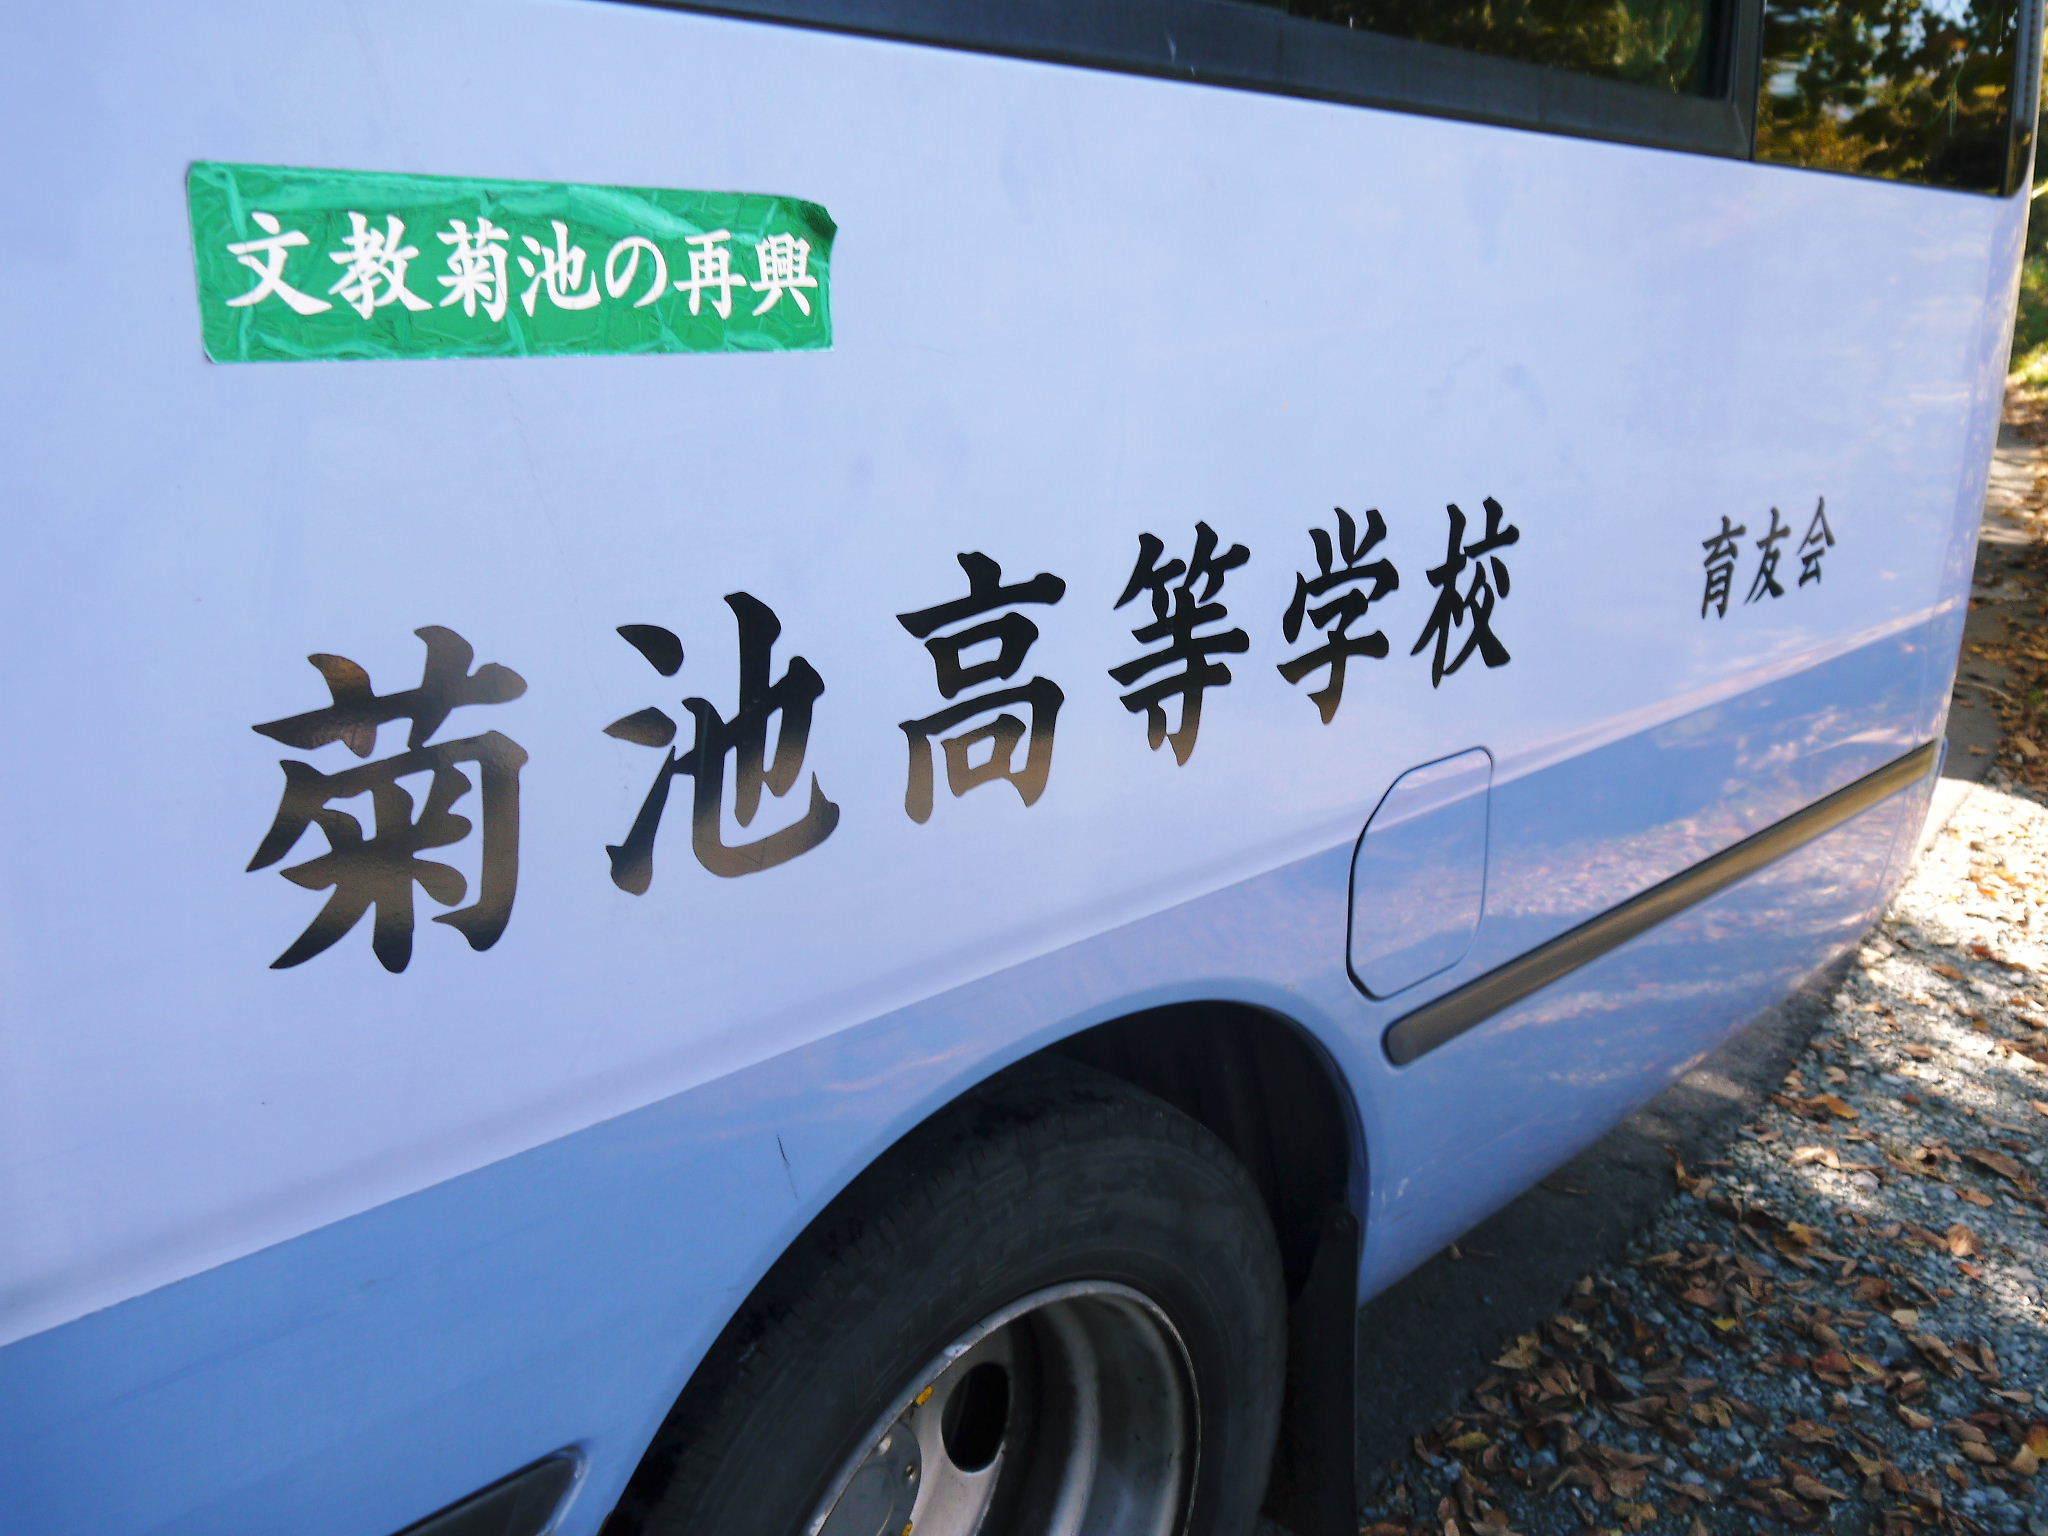 熊本県立菊池高等学校の生徒さんたちが研修にやってきました!(2020/後編)_a0254656_17133835.jpg